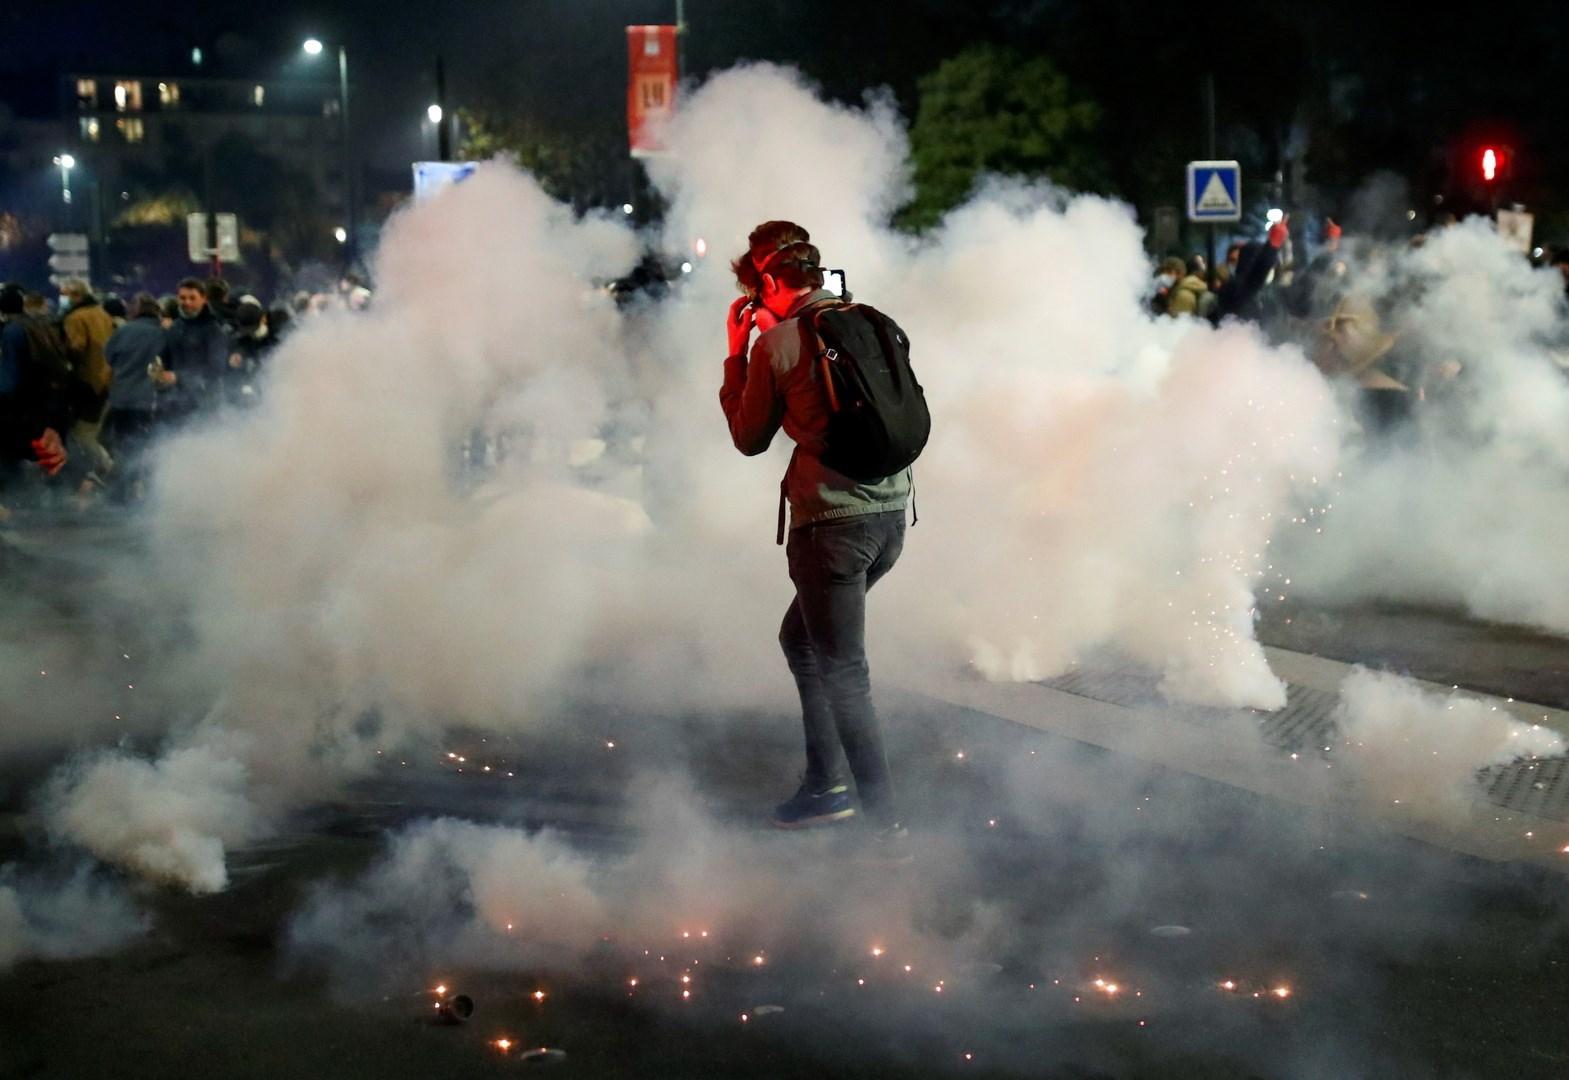 استخدمت قوات الأمن في ليون الغاز المسيل للدموع رداً على مقذوفات أطلقت باتّجاهها